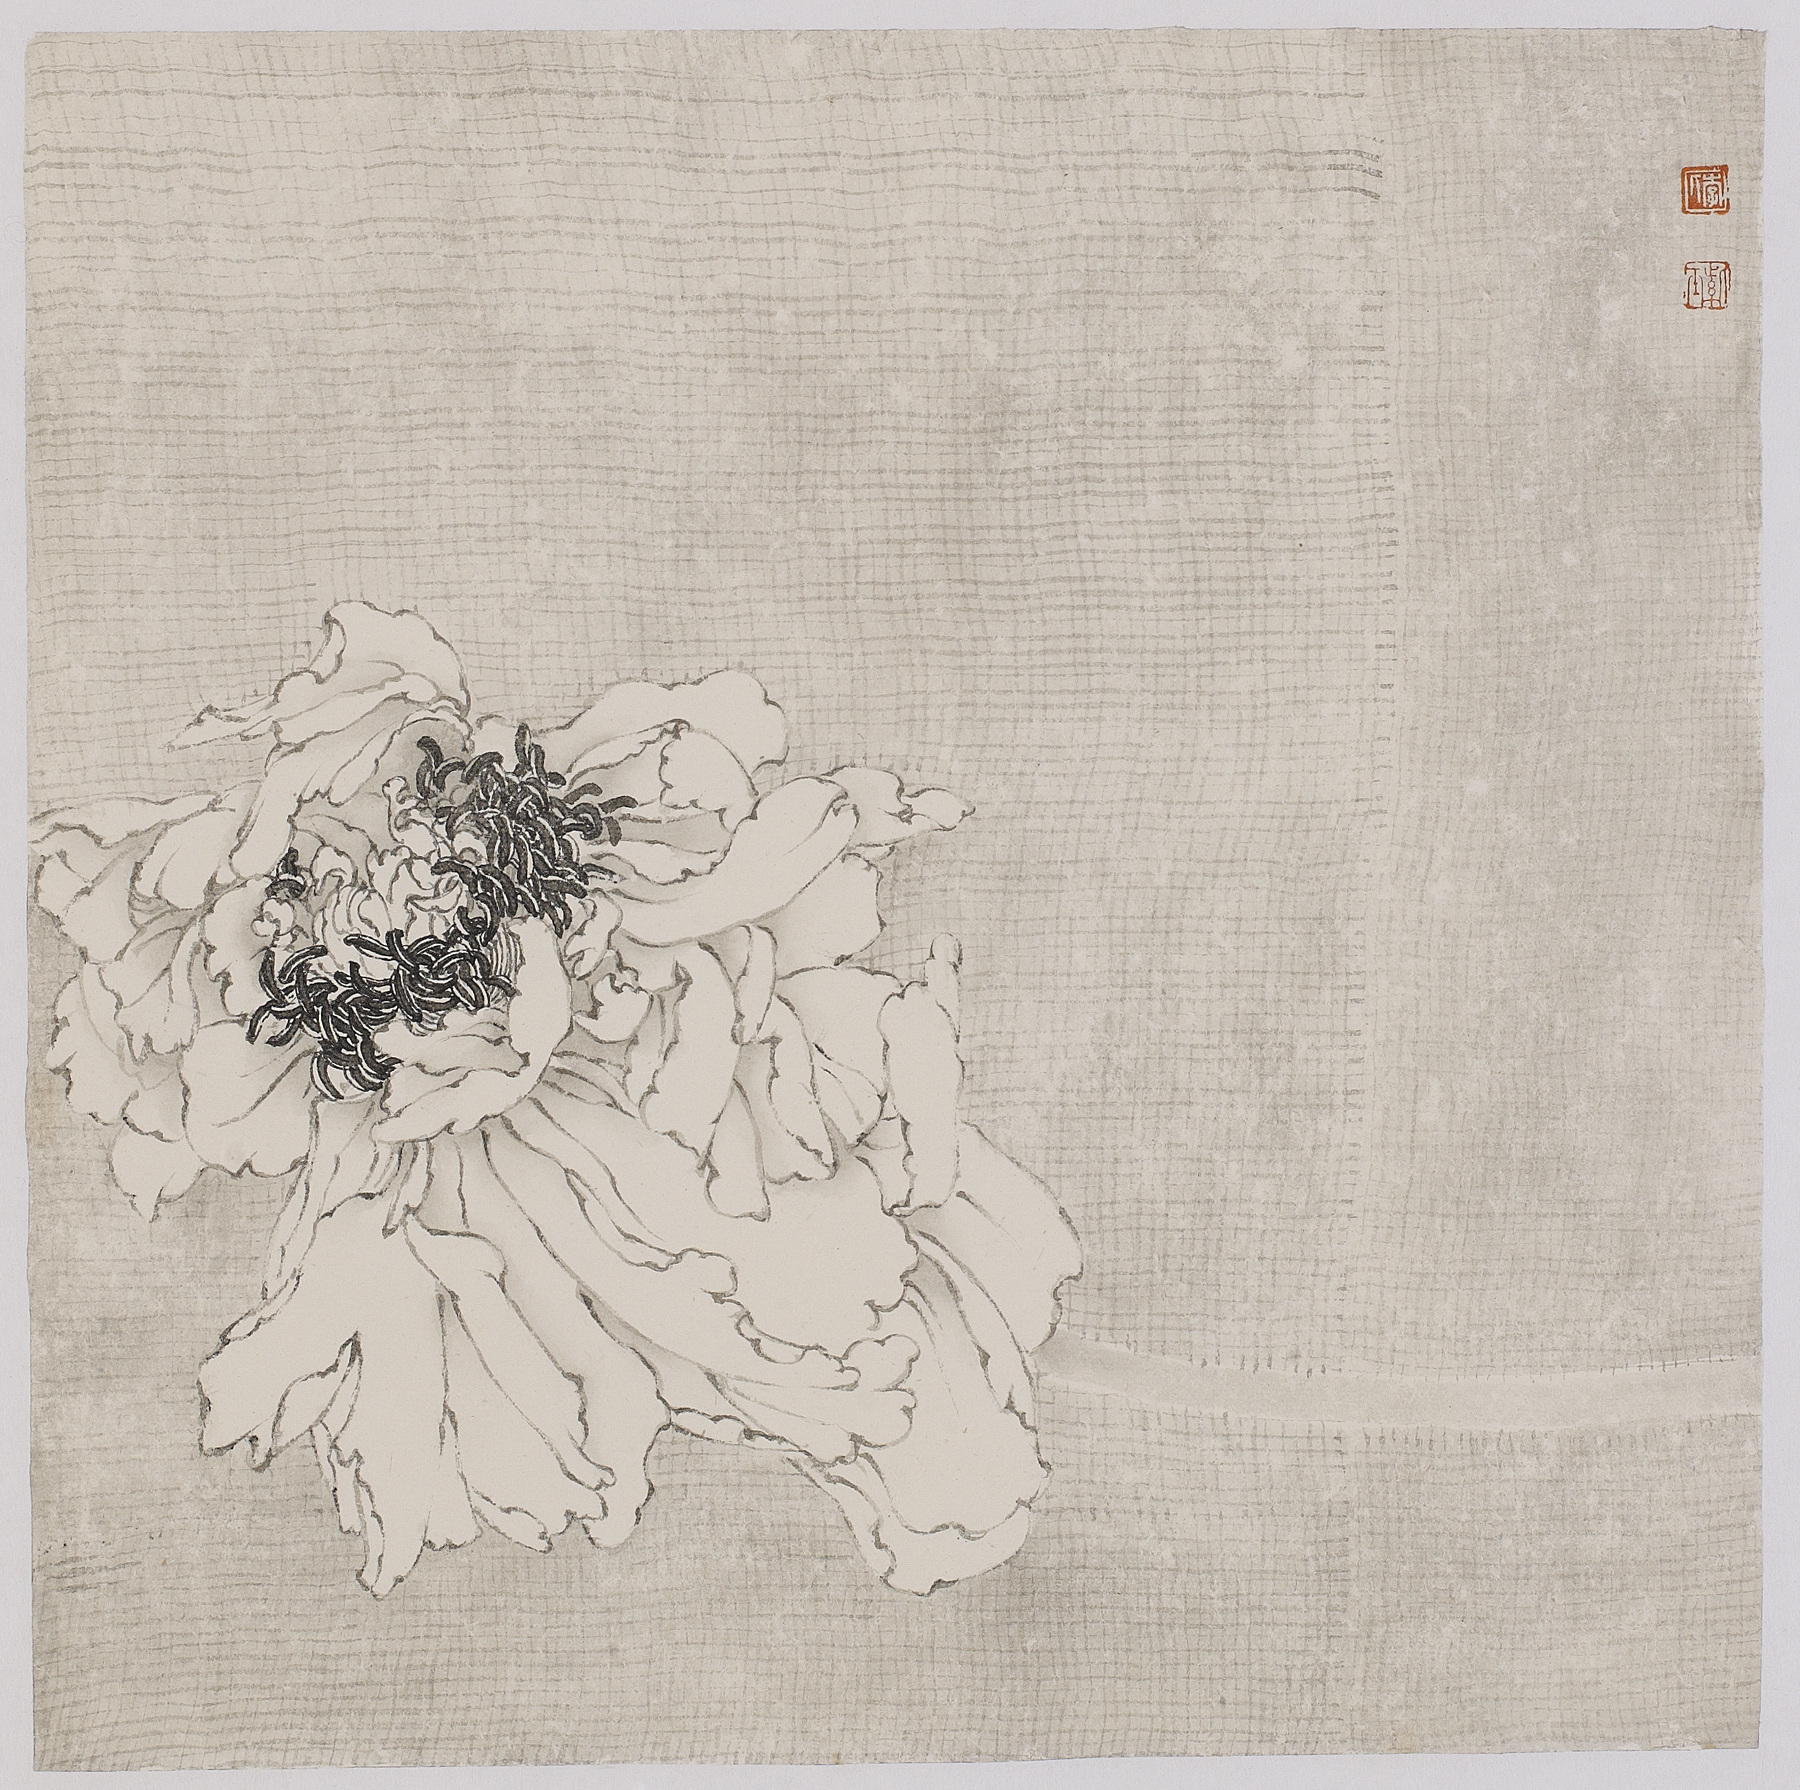 25.《水墨记 》43X43cm,纸本水墨 ,2019年 (1).jpg